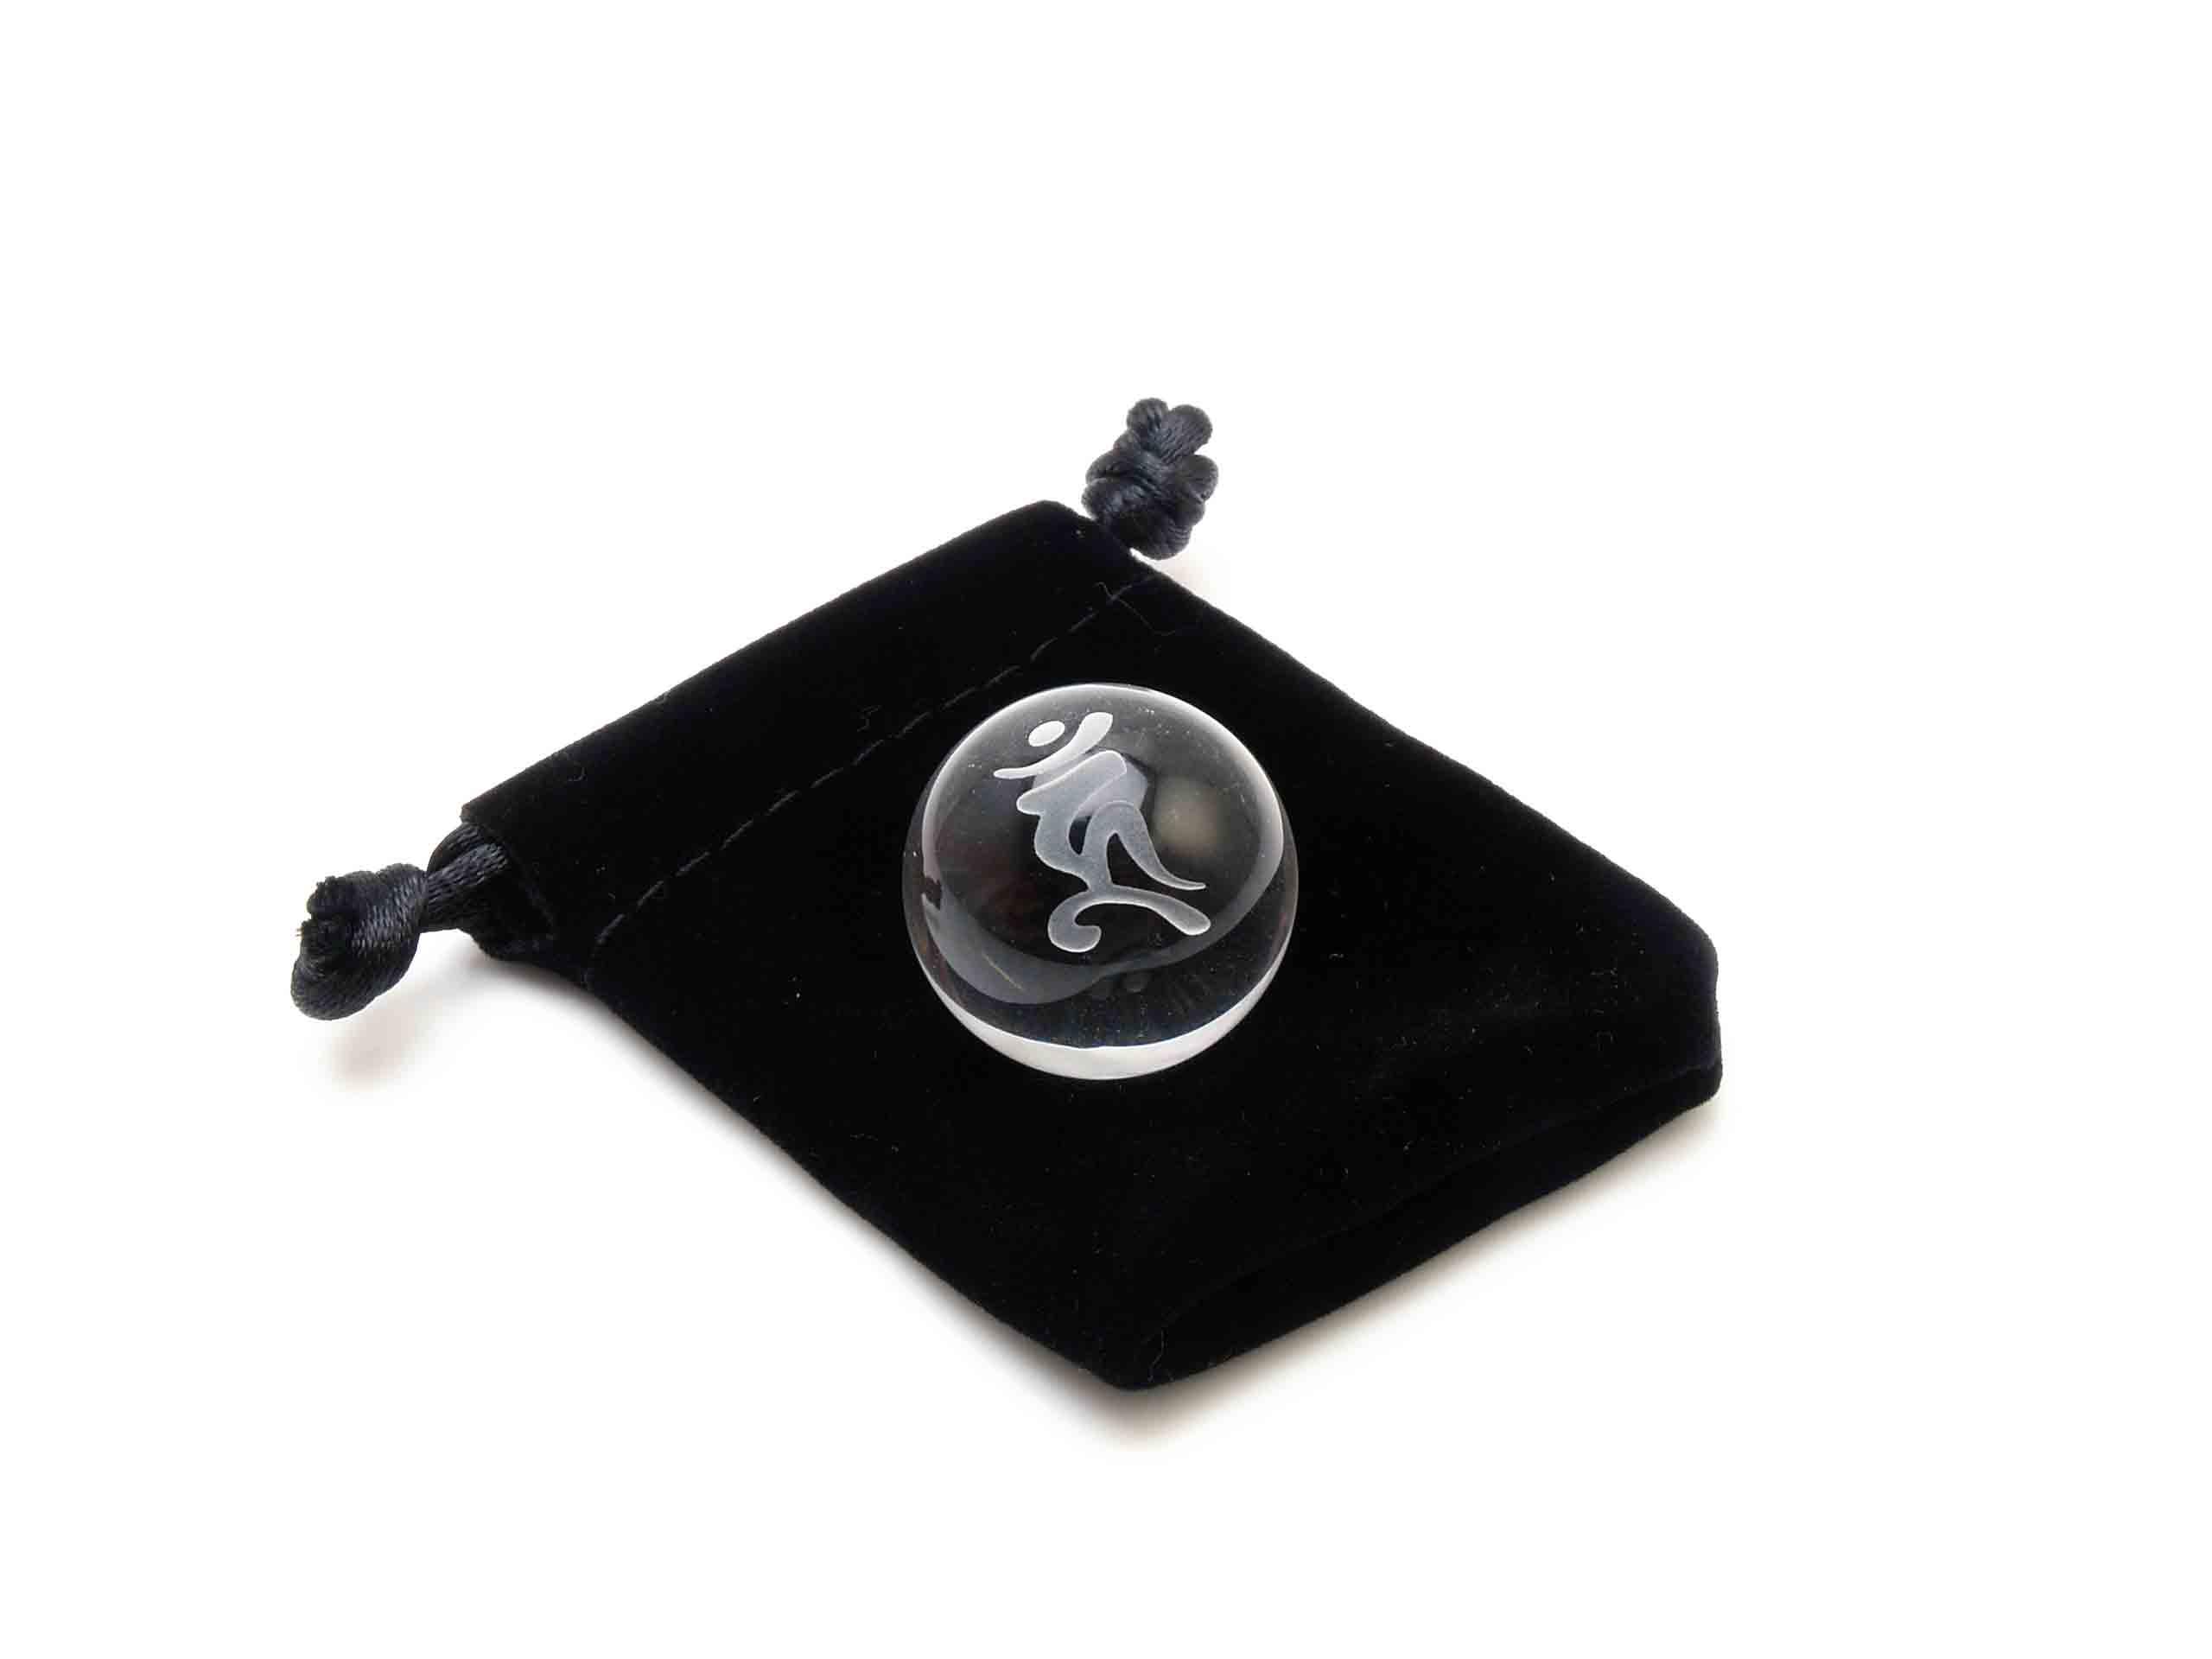 願いの種〜烏枢沙摩明王(トイレの神様)〜風水・浄化・金運・出産守護画像